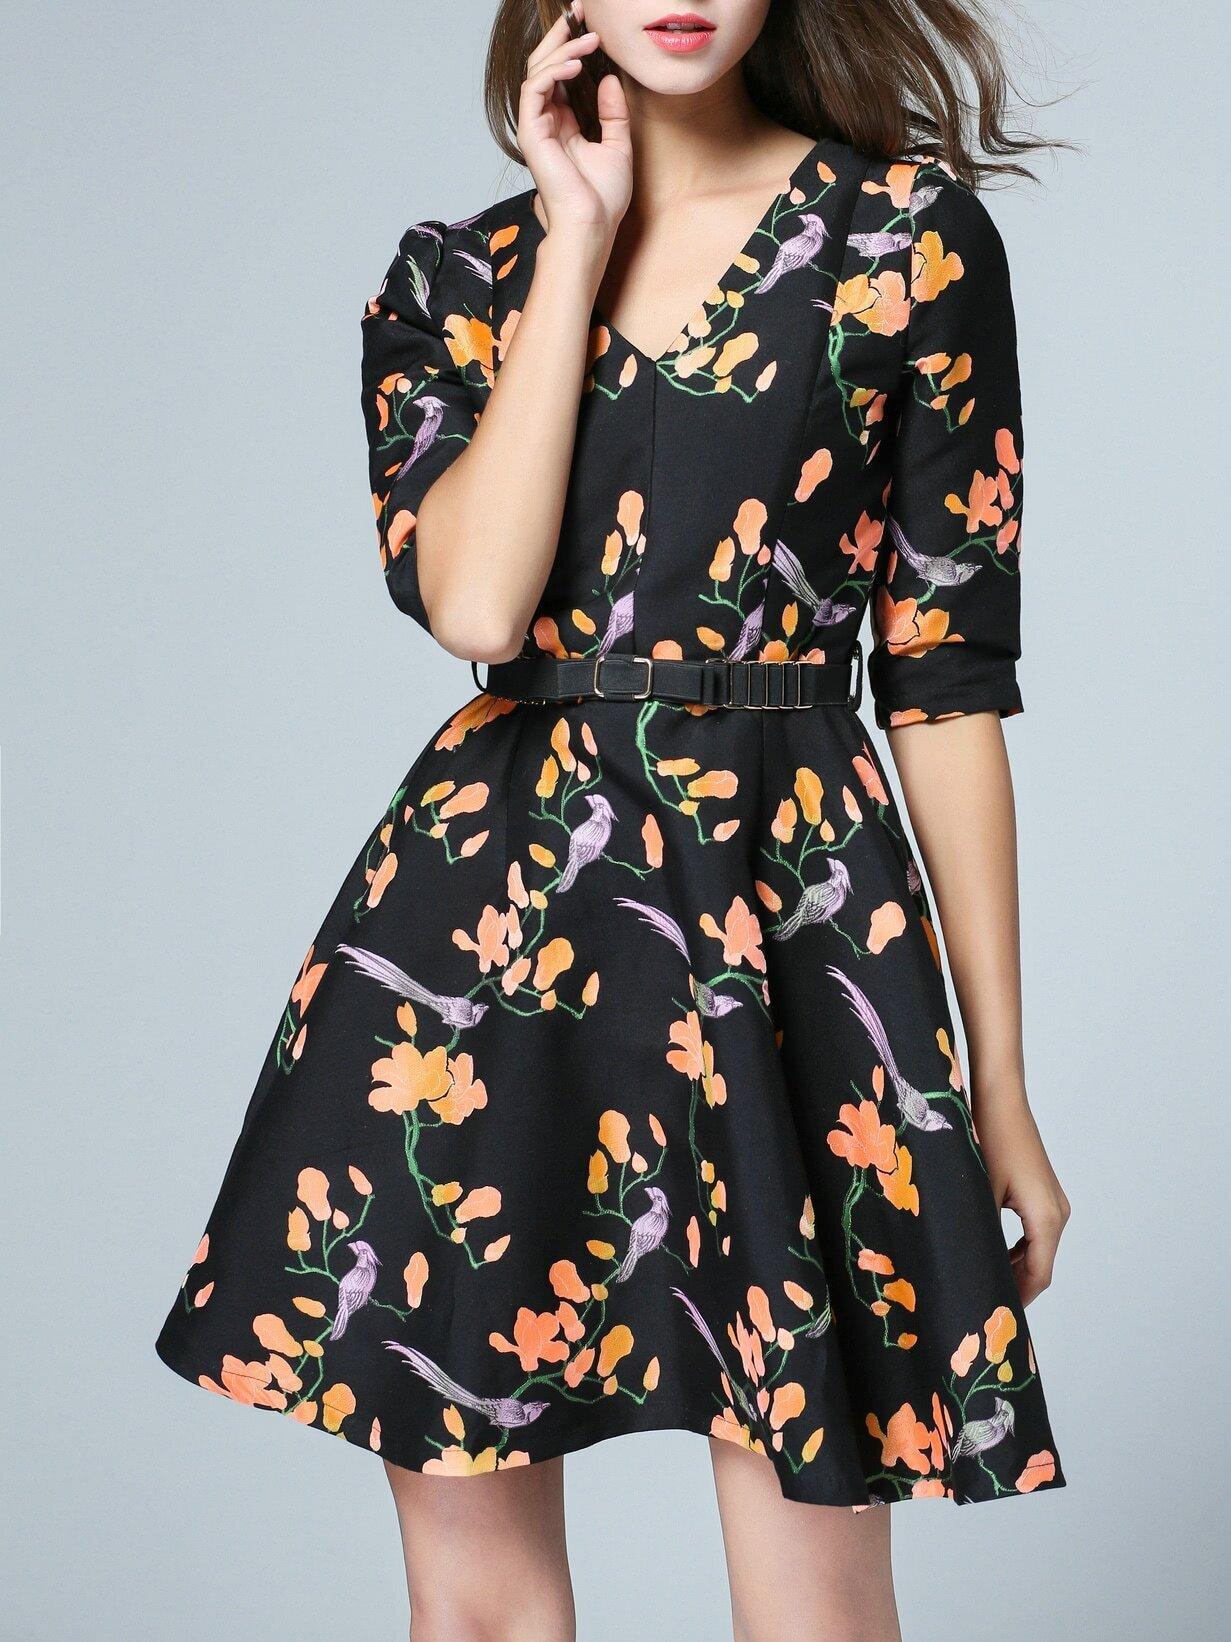 dress161207601_2